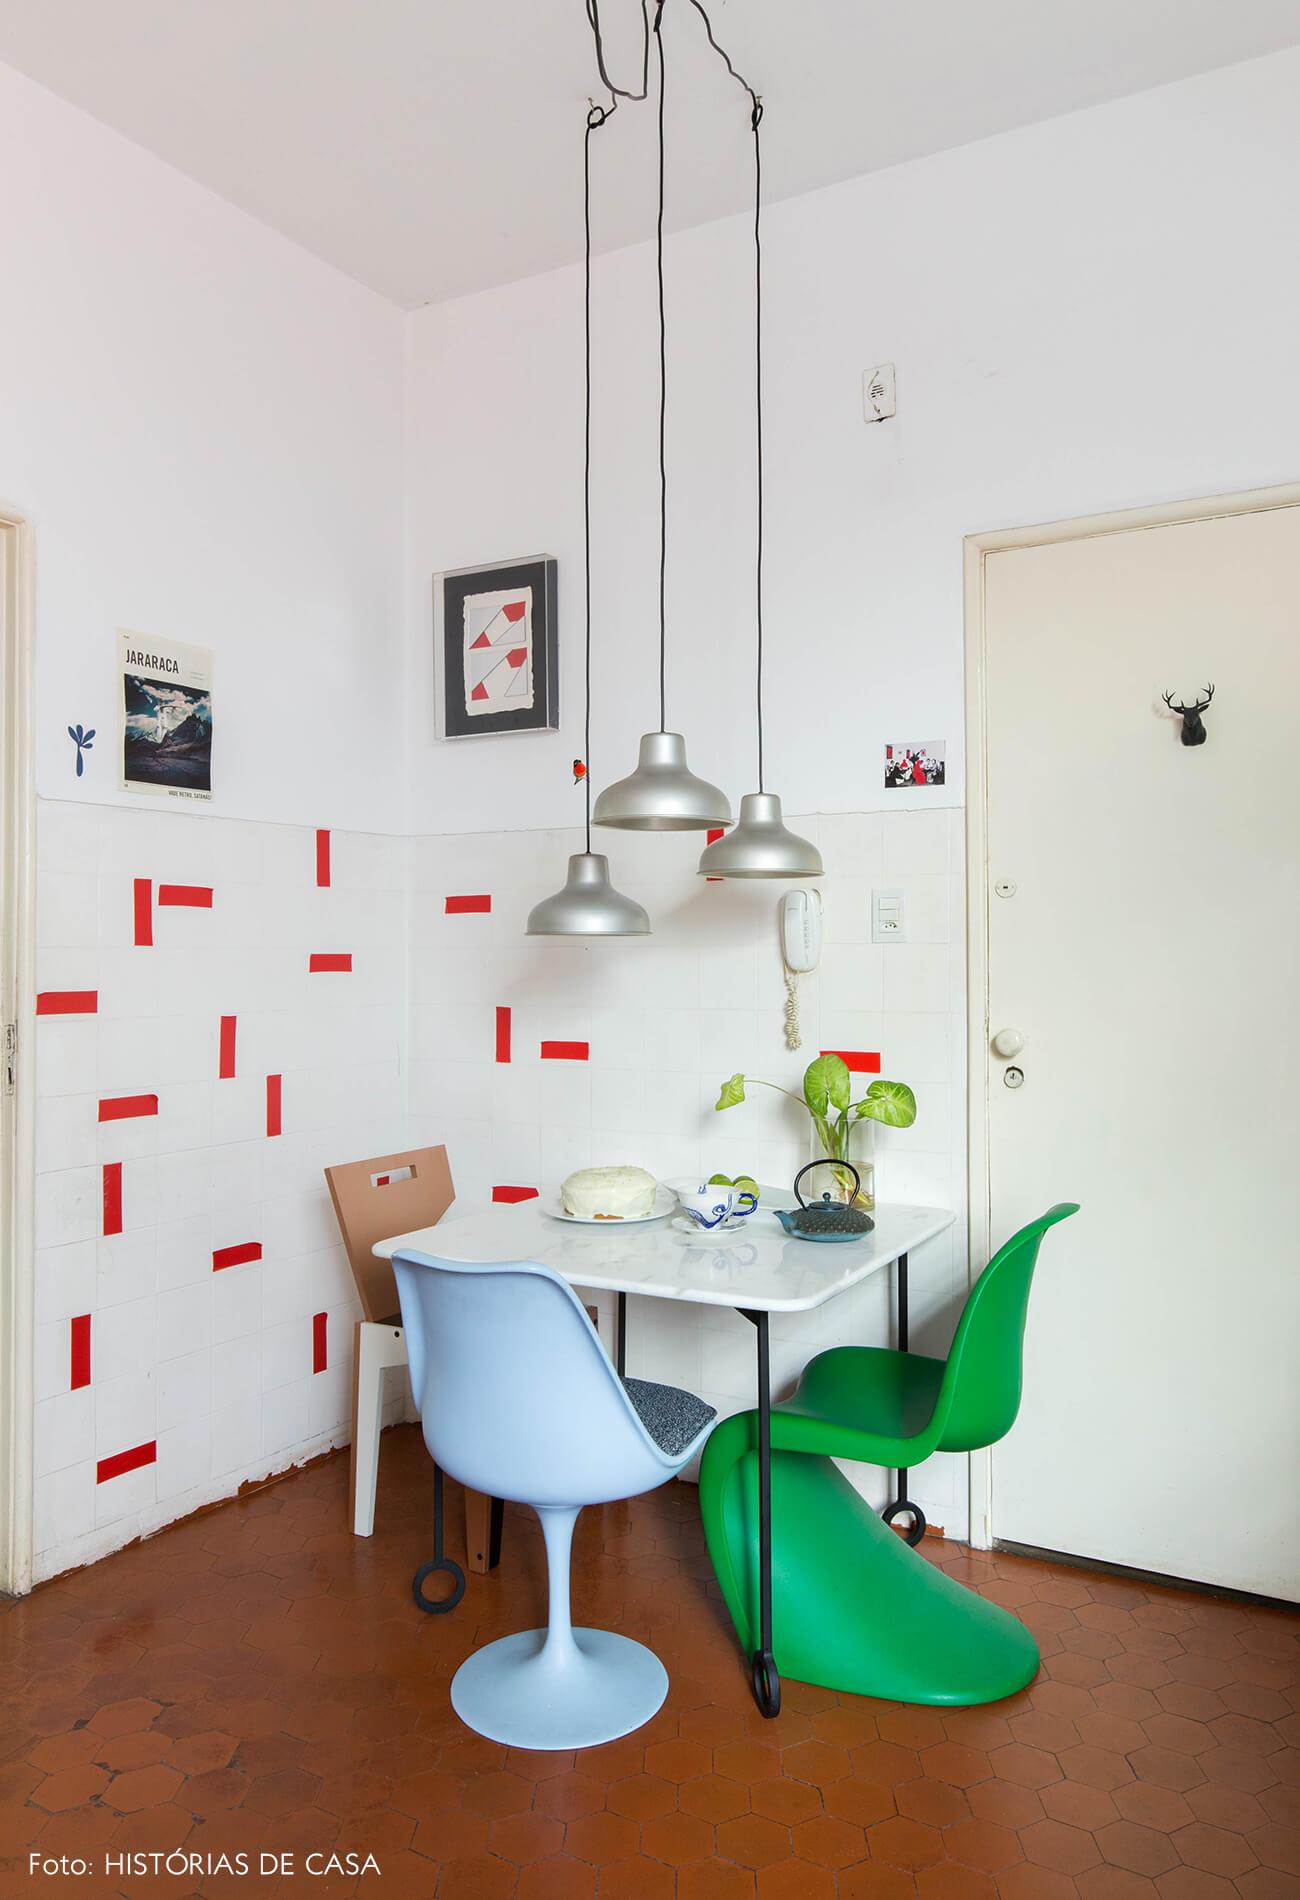 Cozinha com mesa pequena e azulejos com adesivos